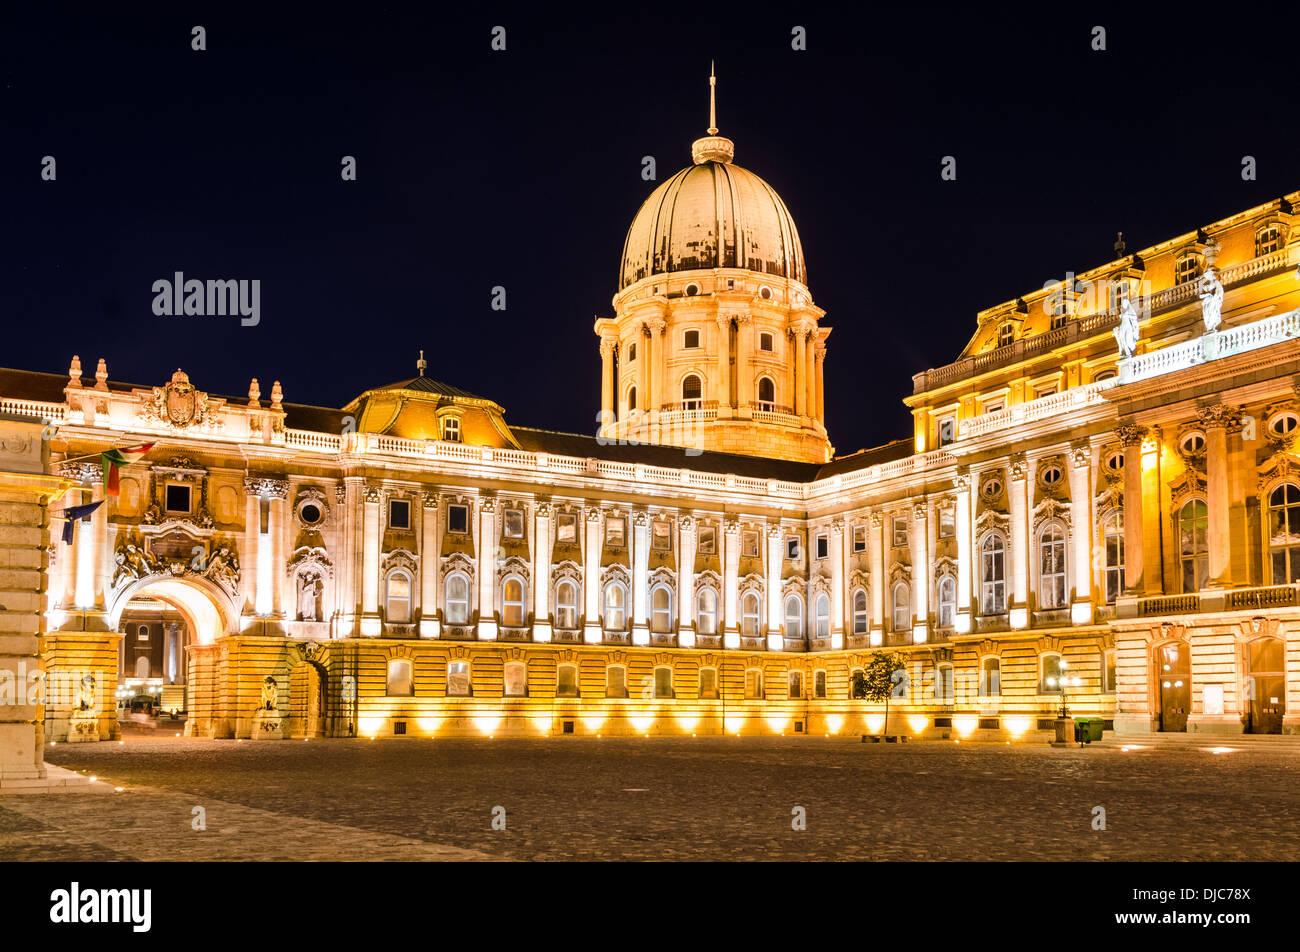 Castillo de Buda fue construida en el extremo sur de la Colina del Castillo en la época medieval, famosa por su arquitectura barroca. Budapest, Hungría. Imagen De Stock